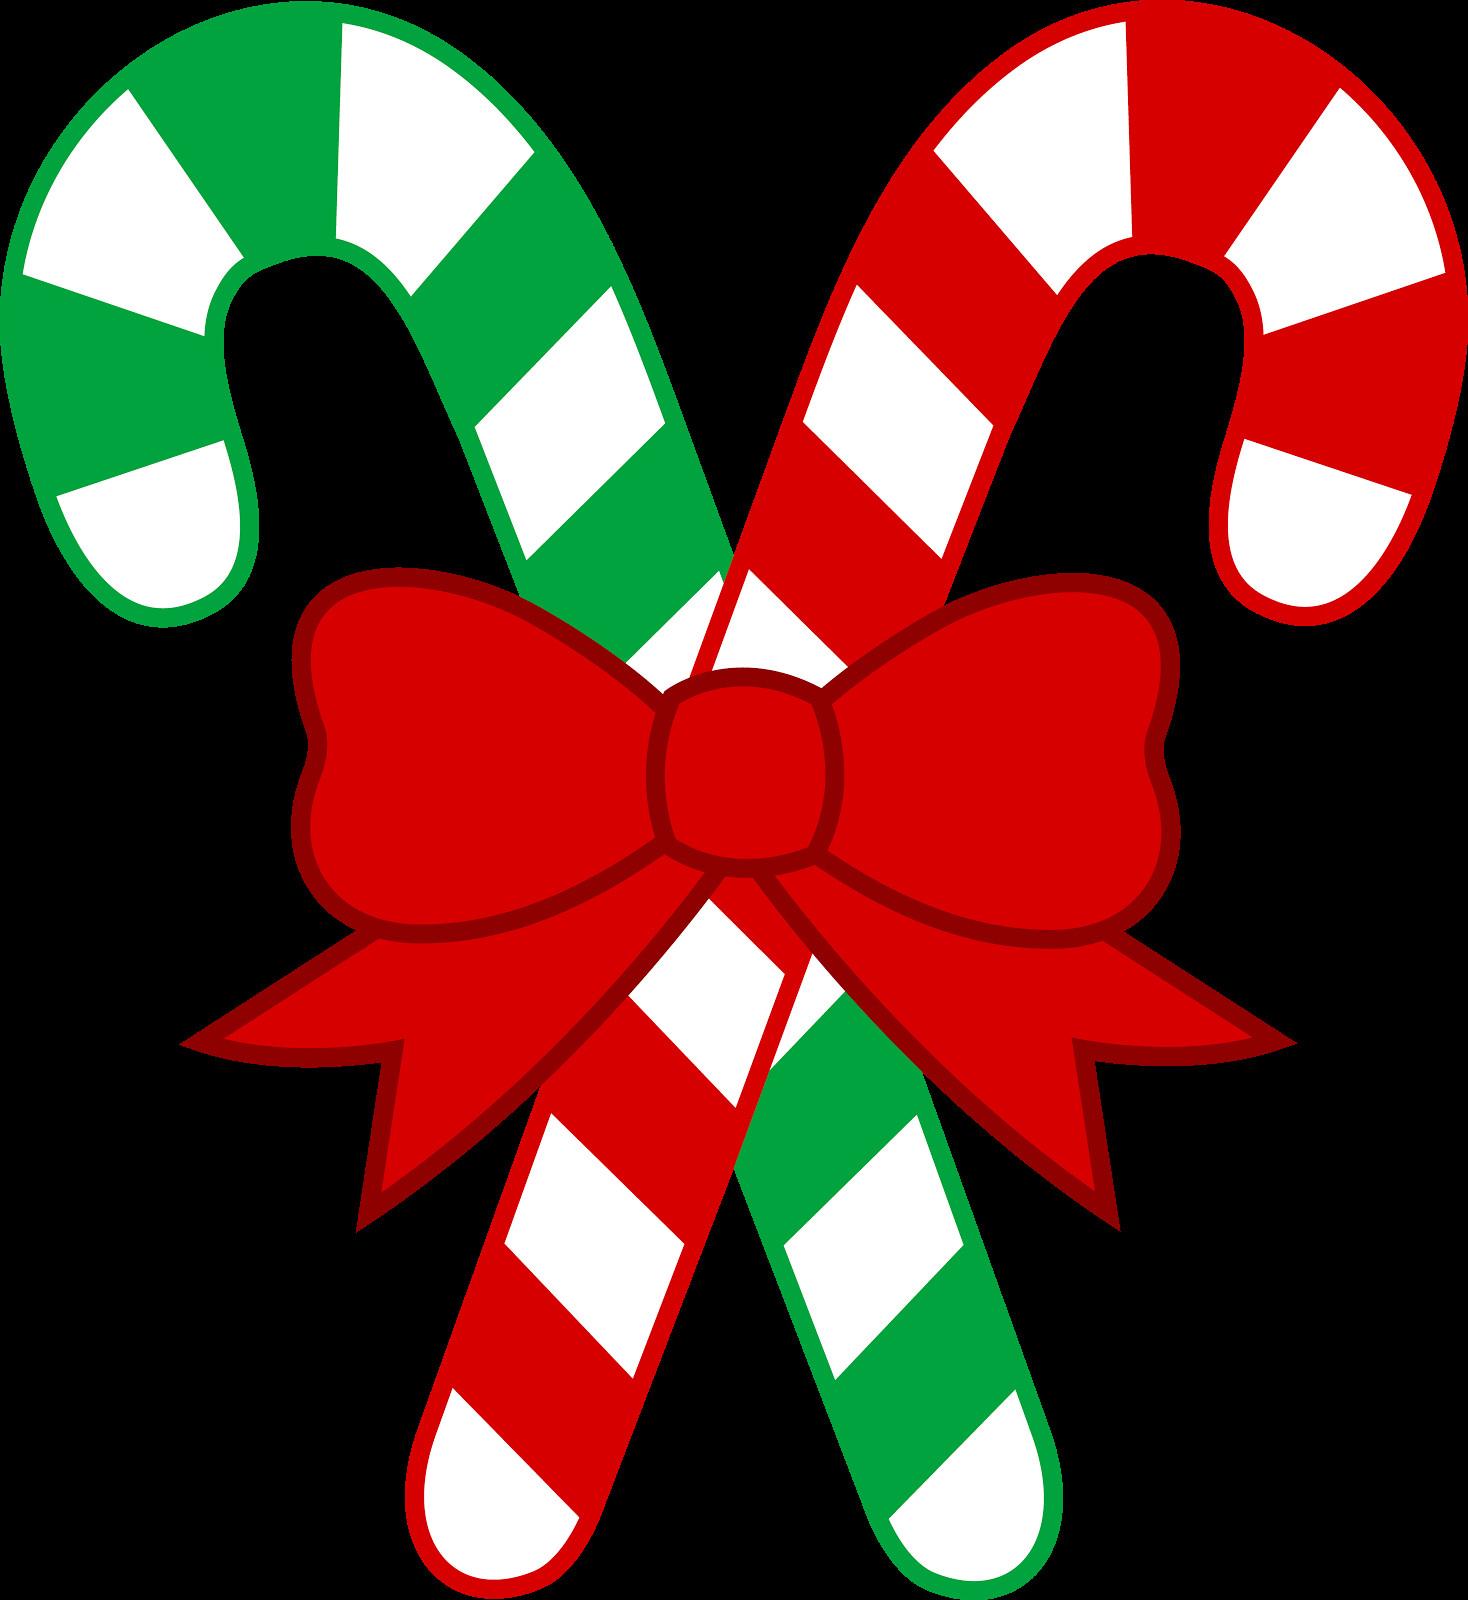 Christmas Candy Cane Images  Fantastic Dreams of Pamela K Kinney December 2012